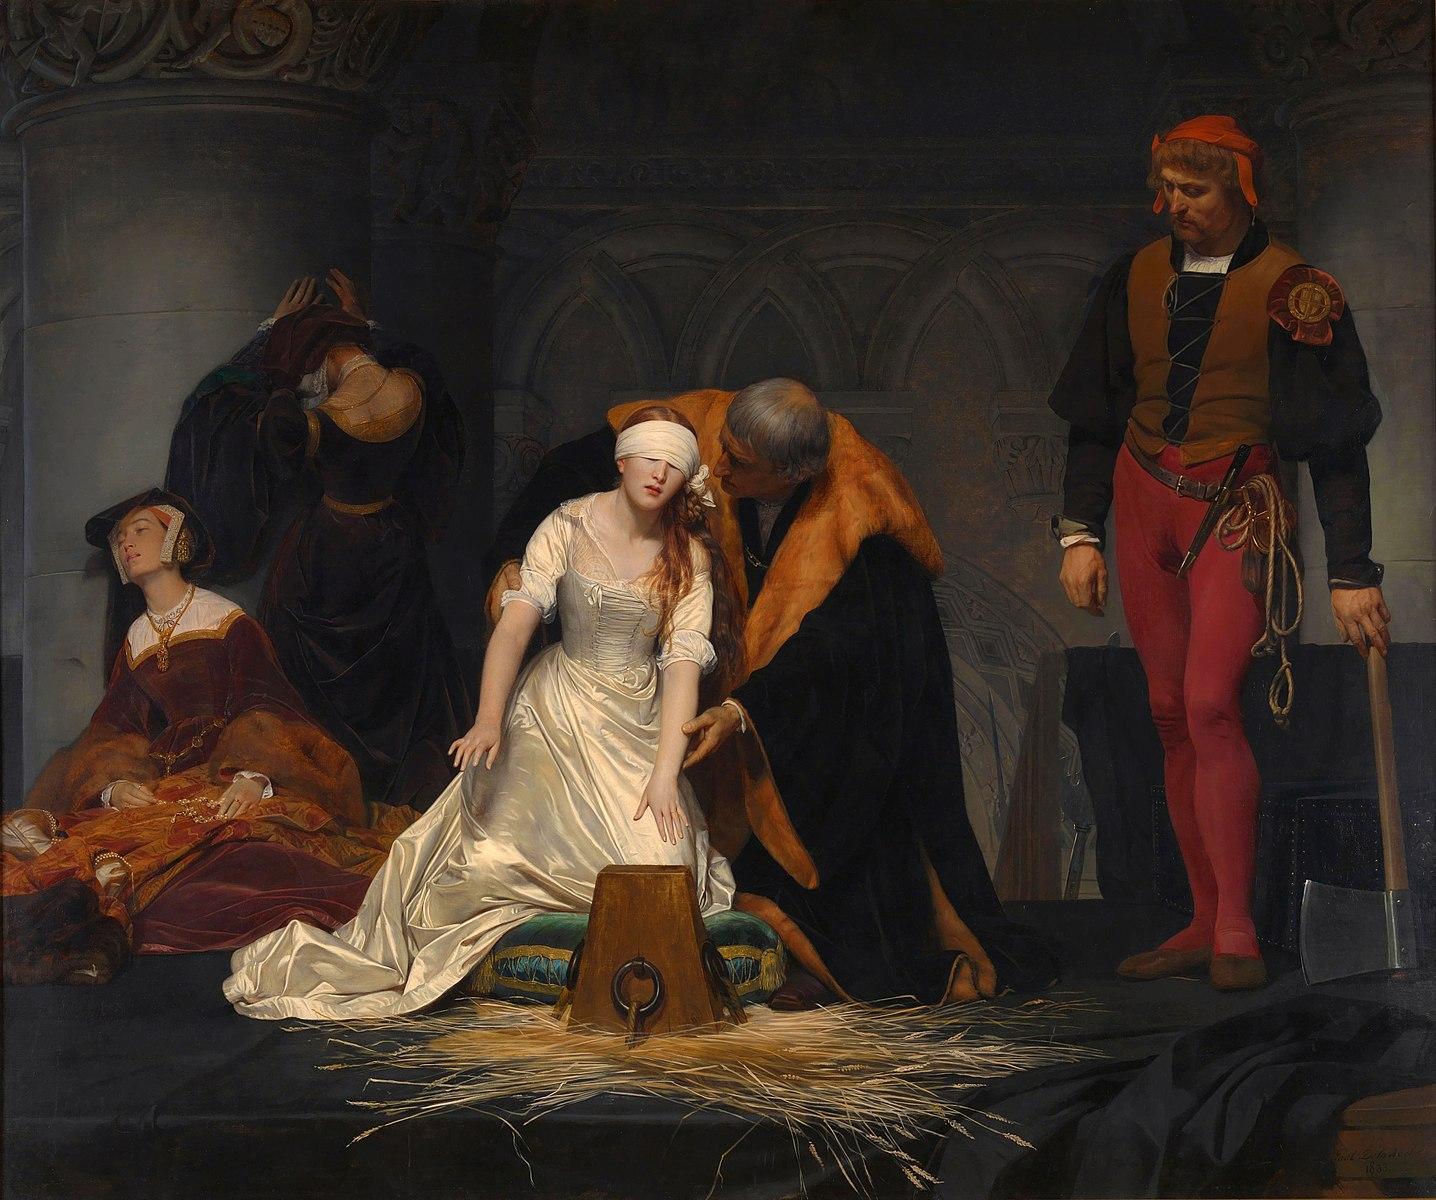 1436px-PAUL_DELAROCHE_-_Ejecución_de_Lady_Jane_Grey_(National_Gallery_de_Londres,_1834).jpg